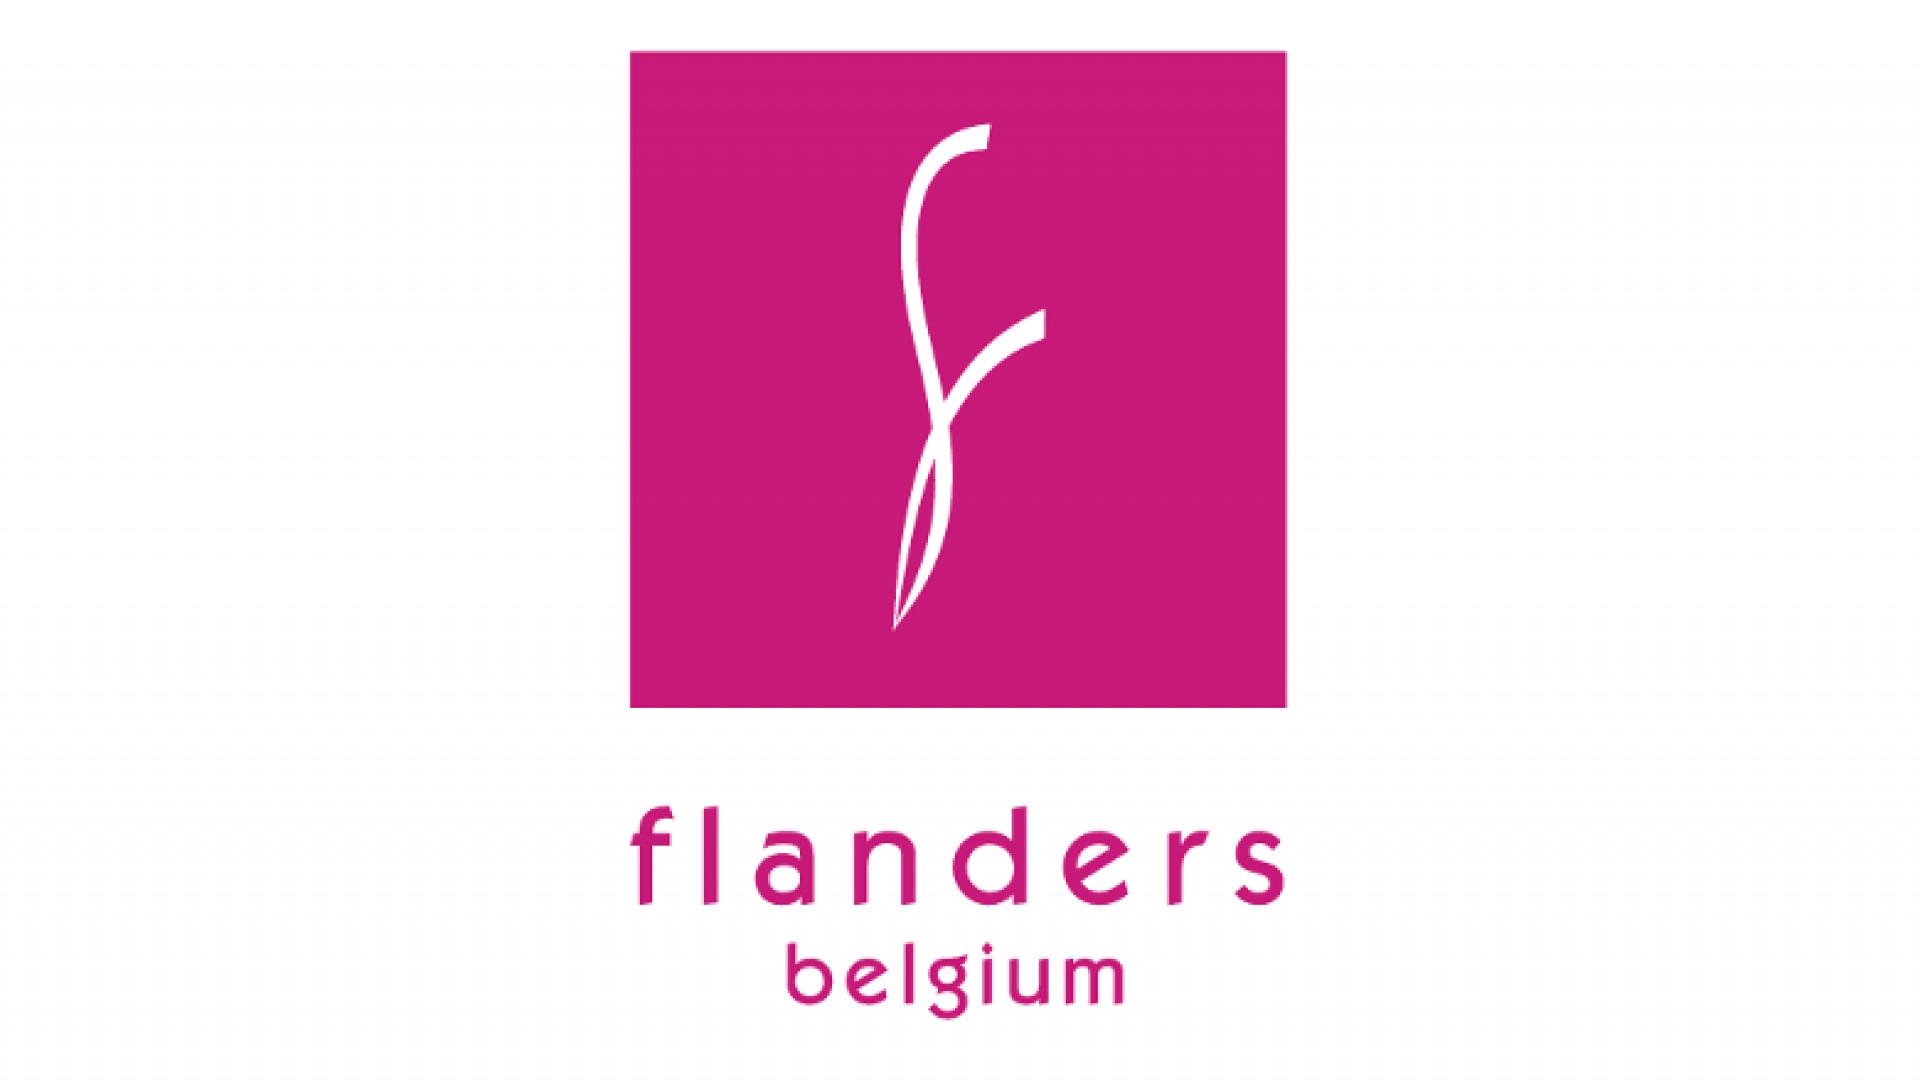 flanders_v_4c